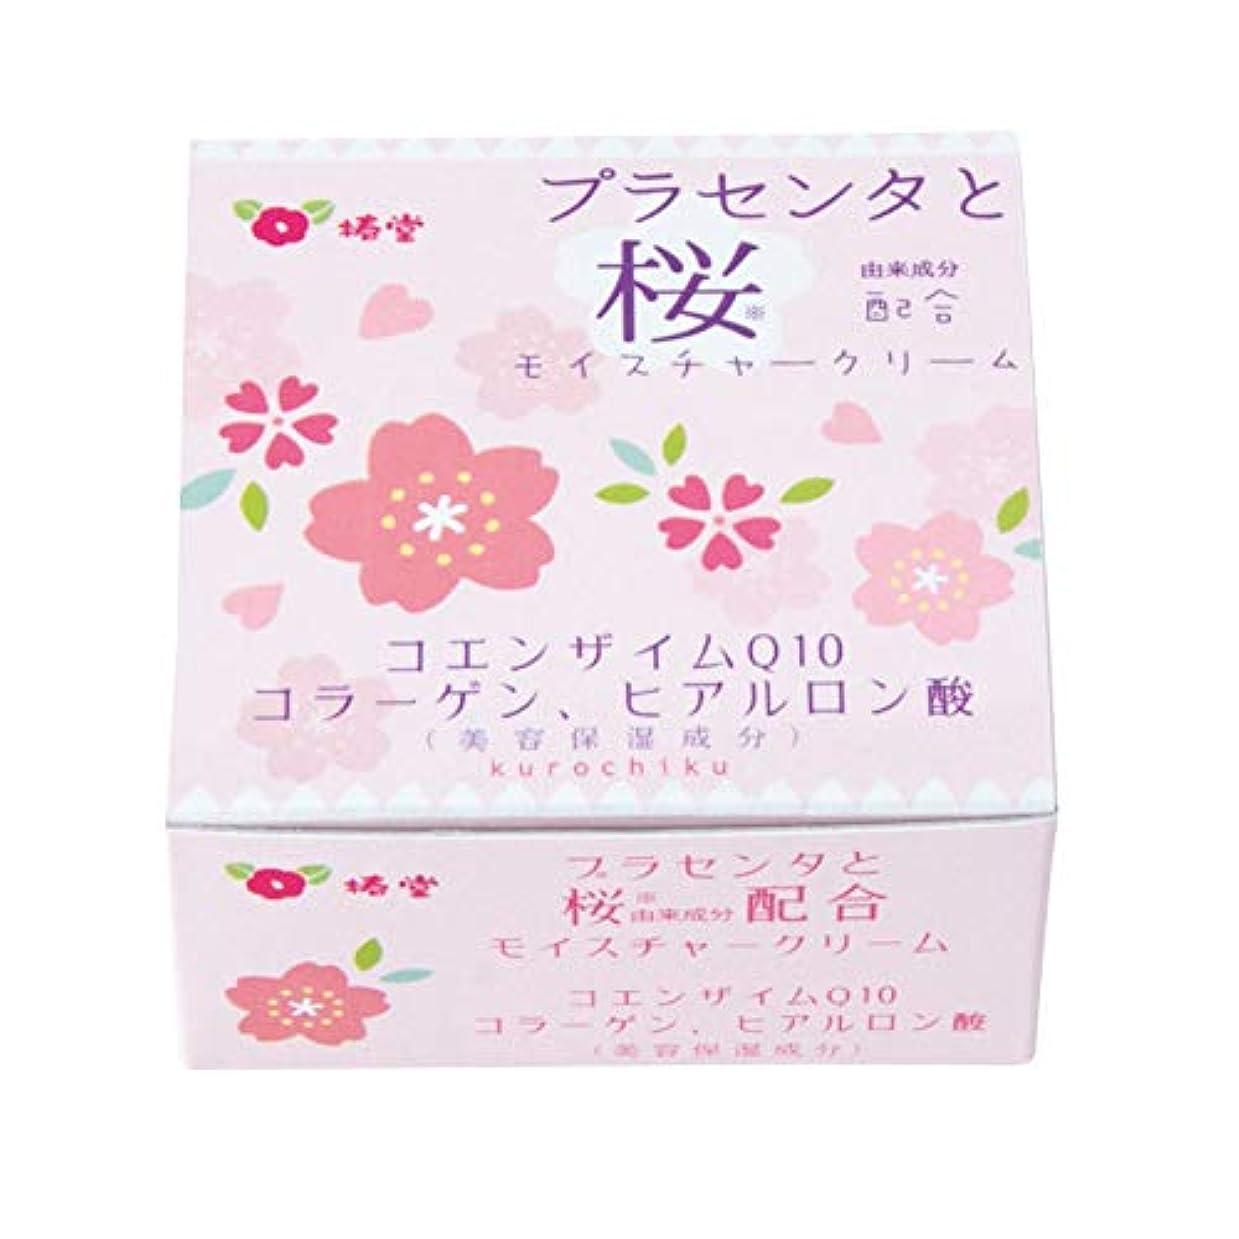 トムオードリース更新クルー椿堂 桜モイスチャークリーム (プラセンタと桜) 京都くろちく